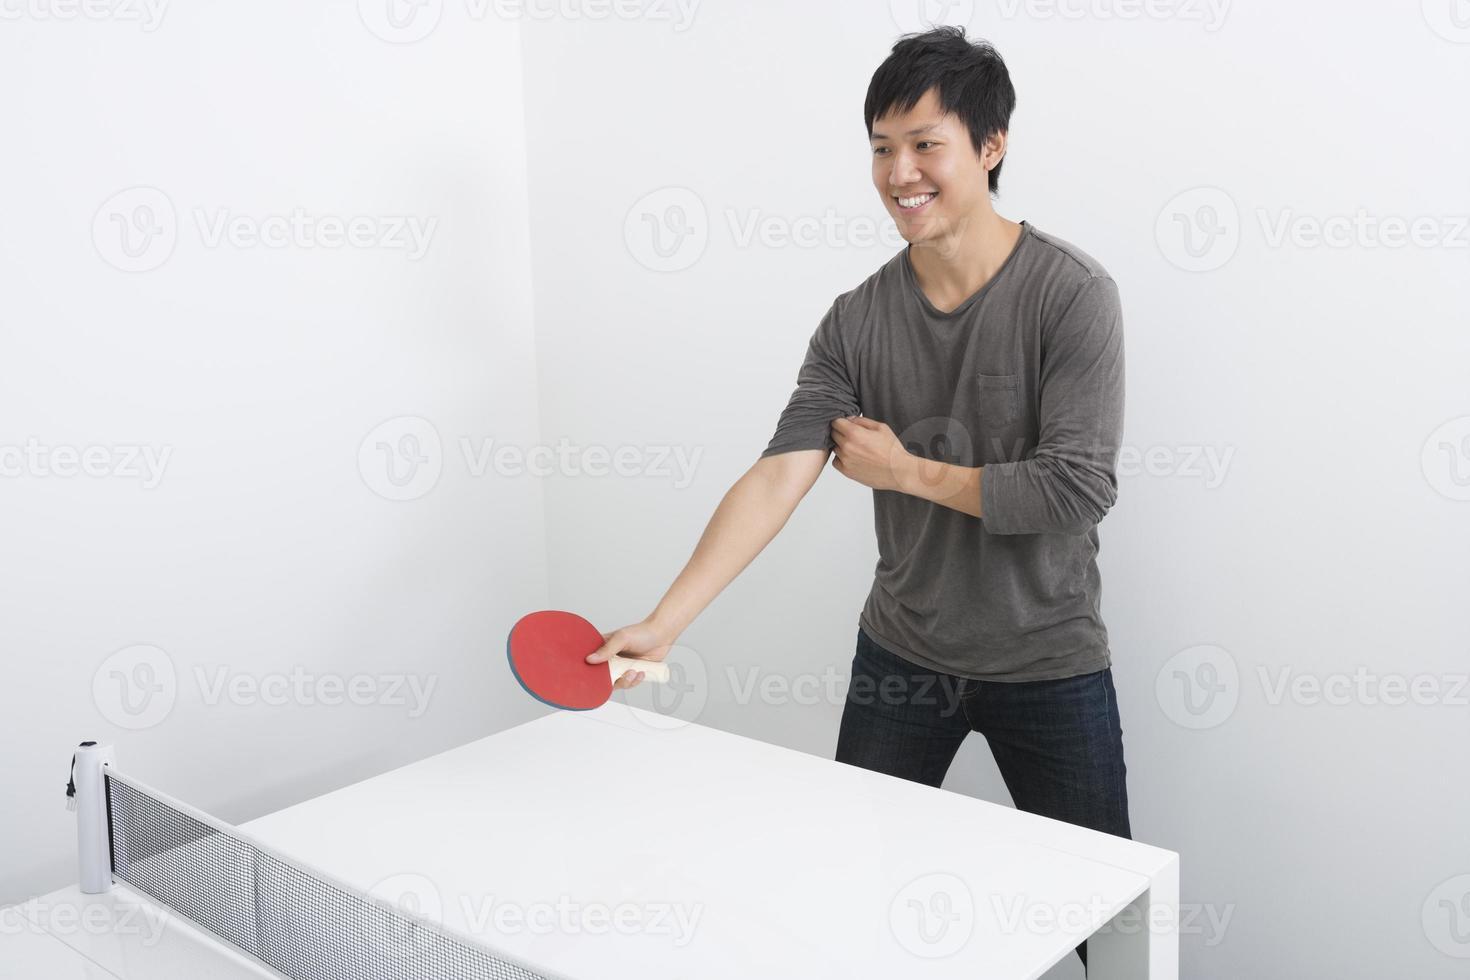 bonito homem adulto médio jogando tênis de mesa foto